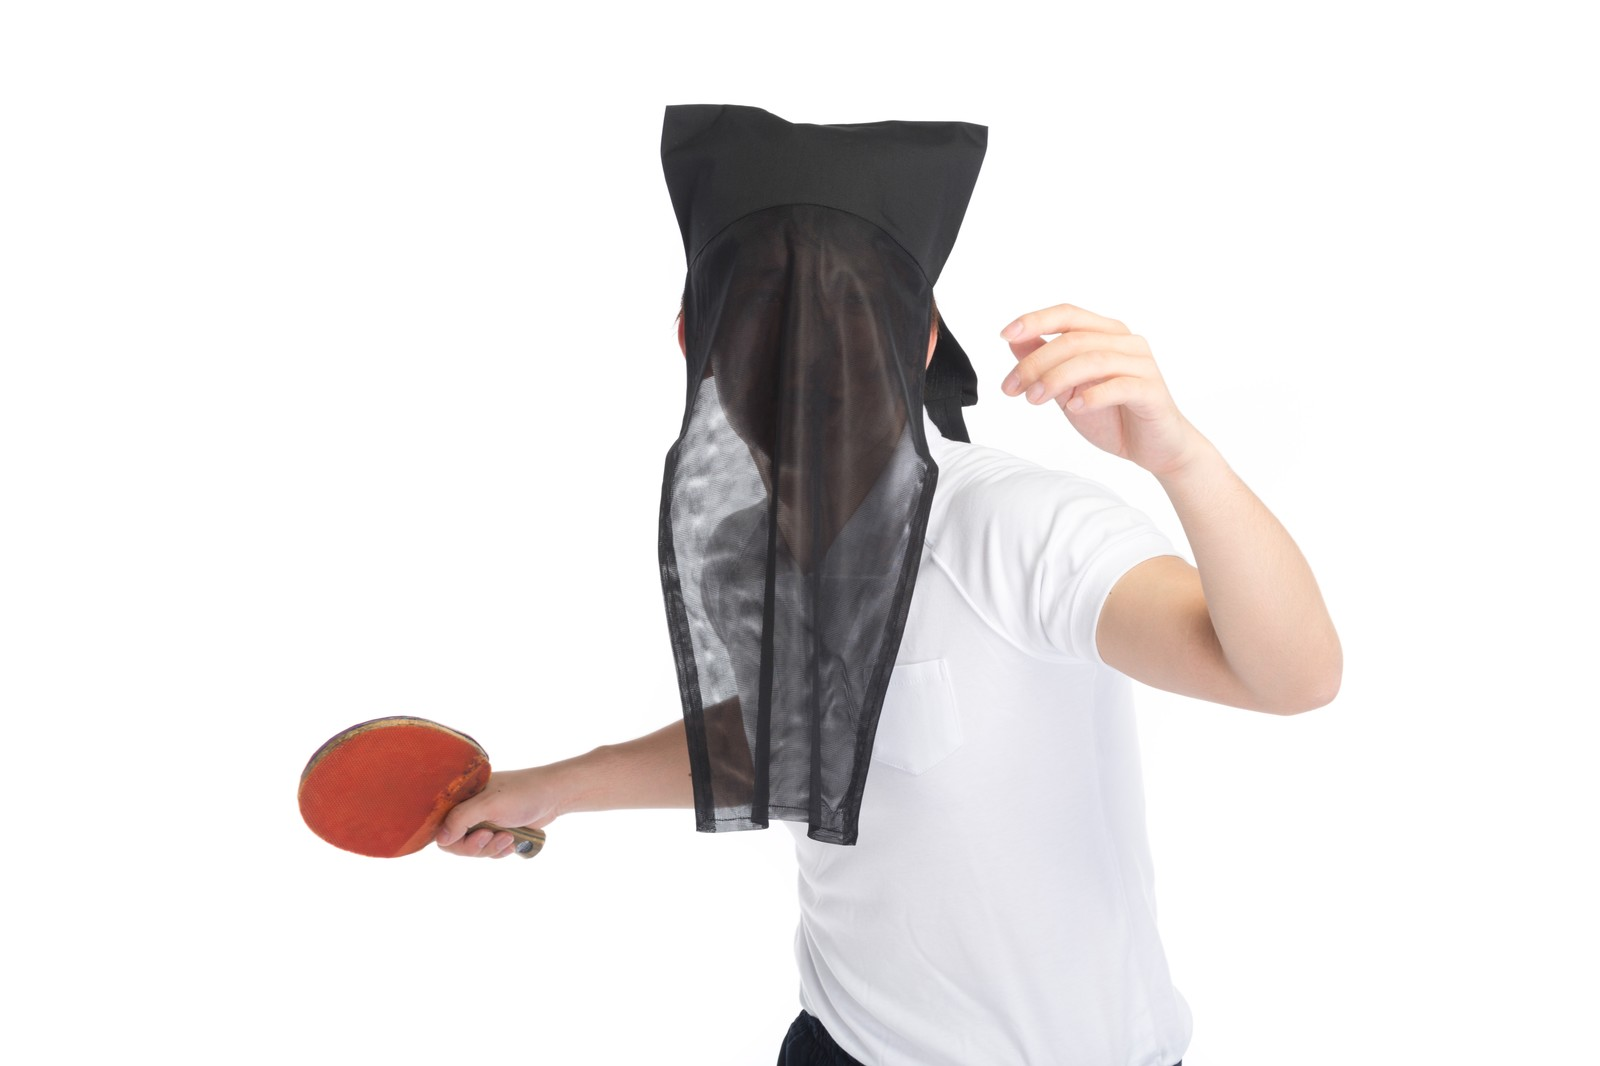 「匿名の卓球ボーイ」の写真[モデル:鈴木秀]